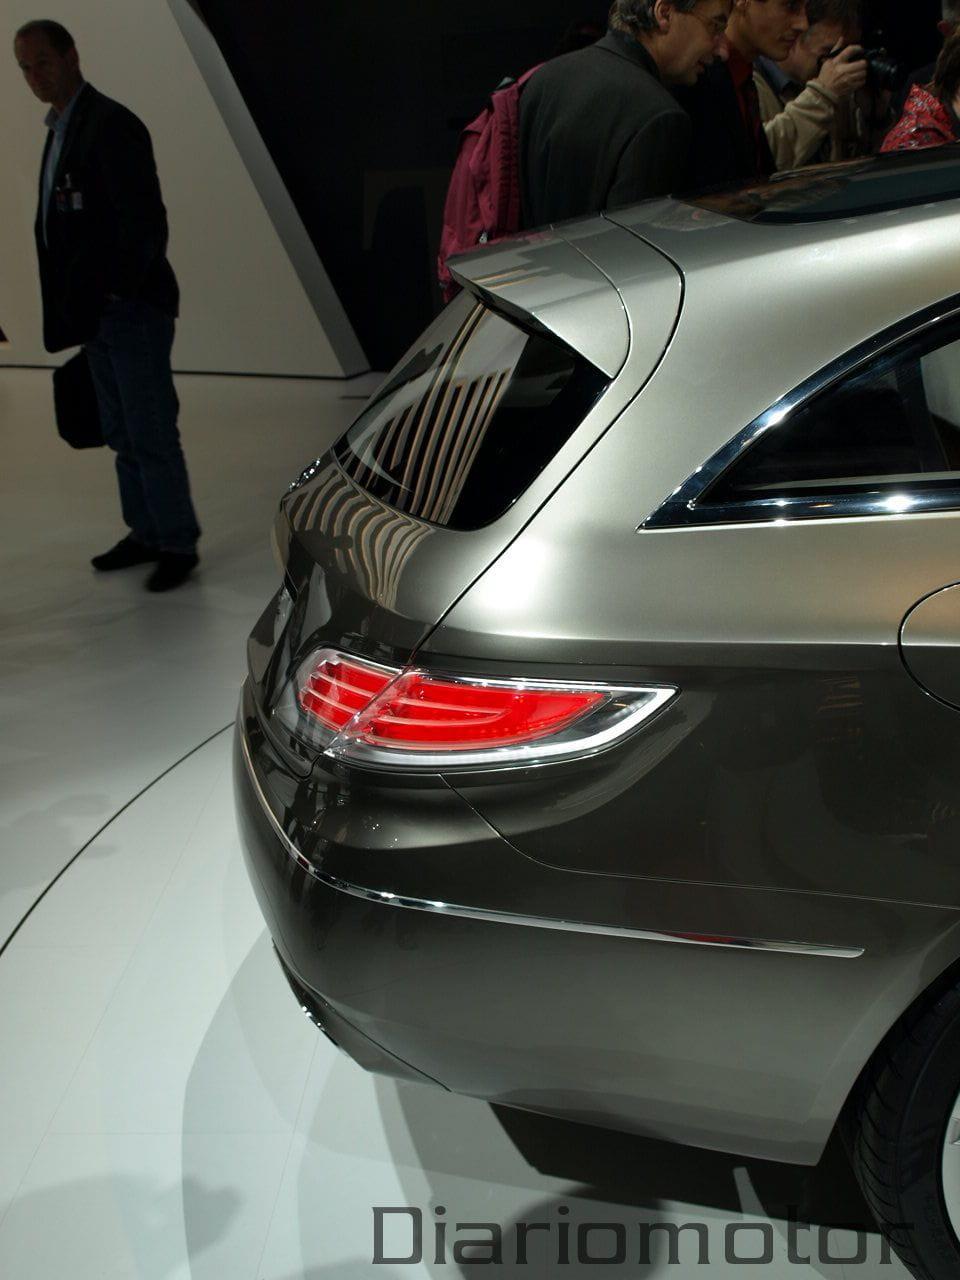 Mercedes conceptfascination en par s 2008 foto 14 de 21 for Garage mercedes paris 11